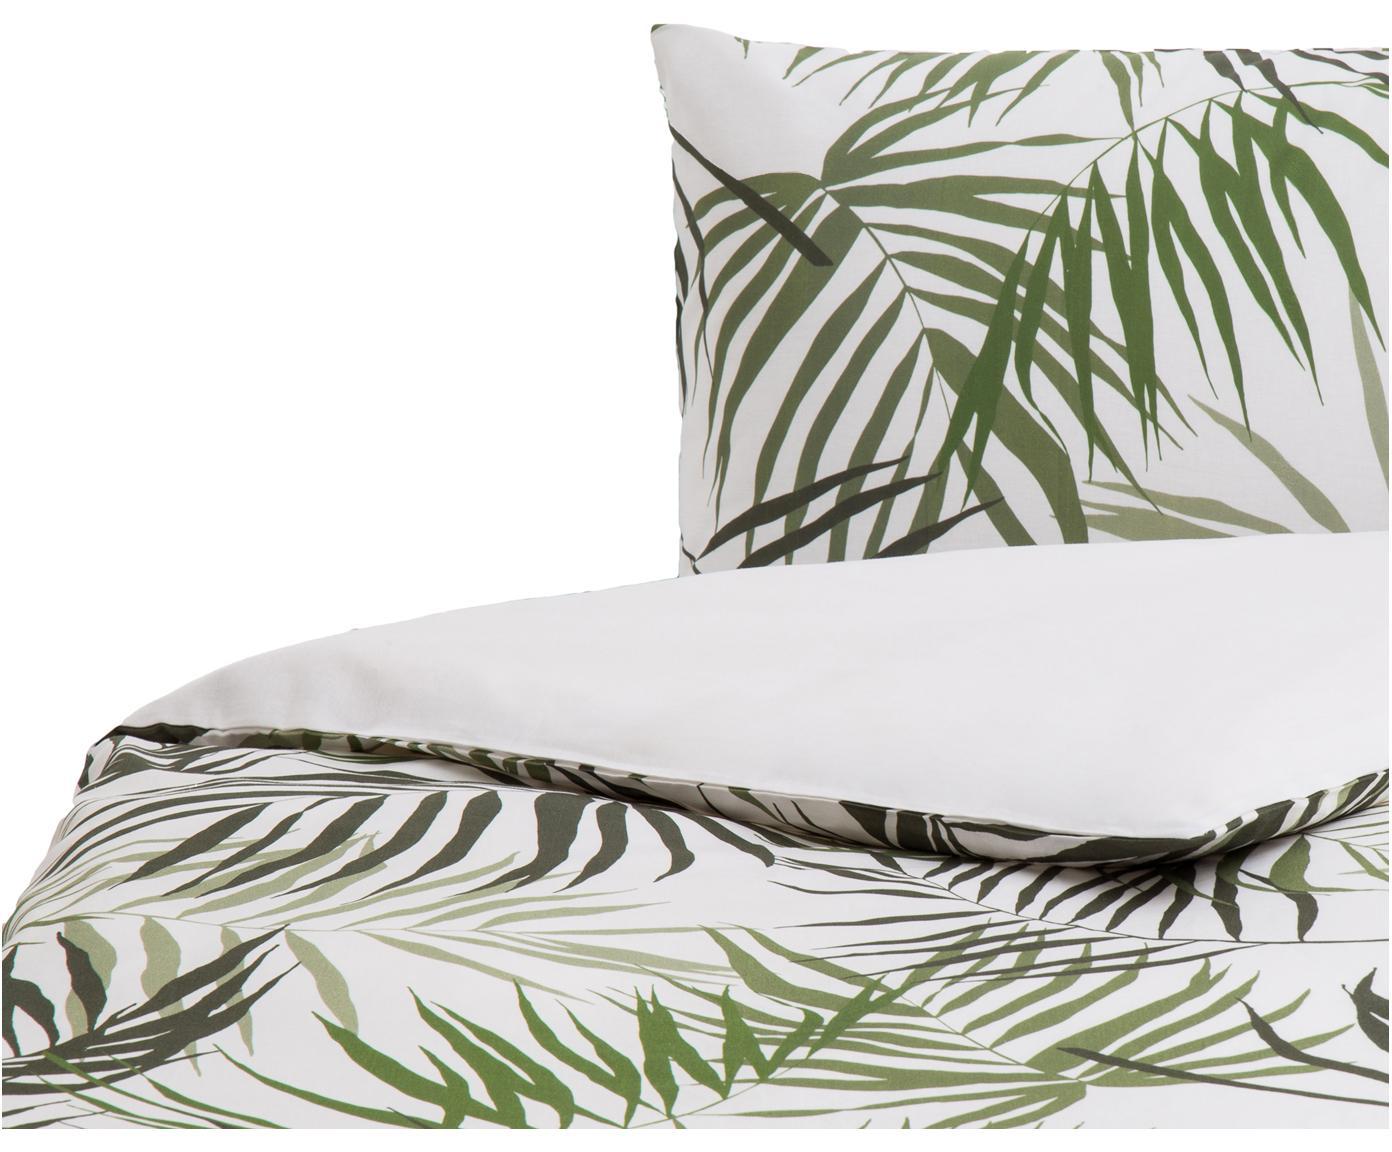 Parure copripiumino in cotone Dalor, Cotone, Fronte: verde, bianco Retro: bianco, 155 x 200 cm